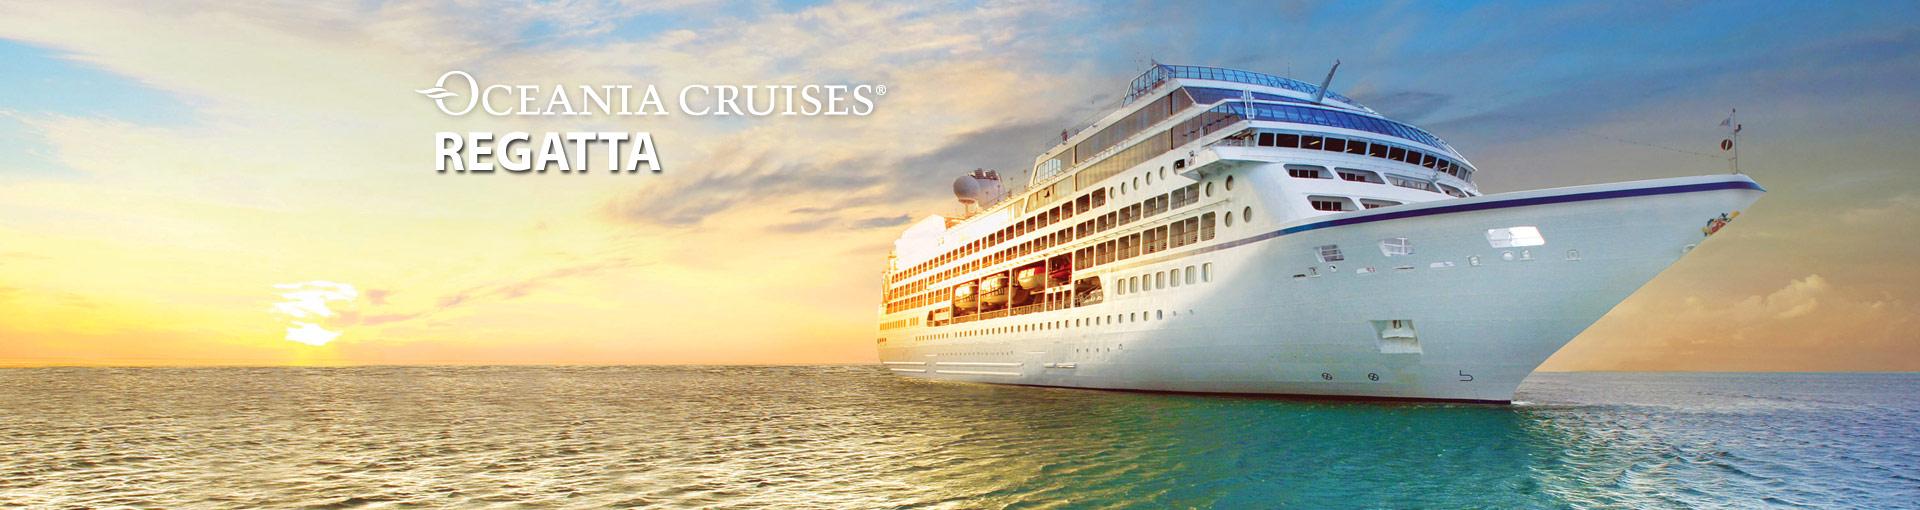 Oceania Regatta cruise ship